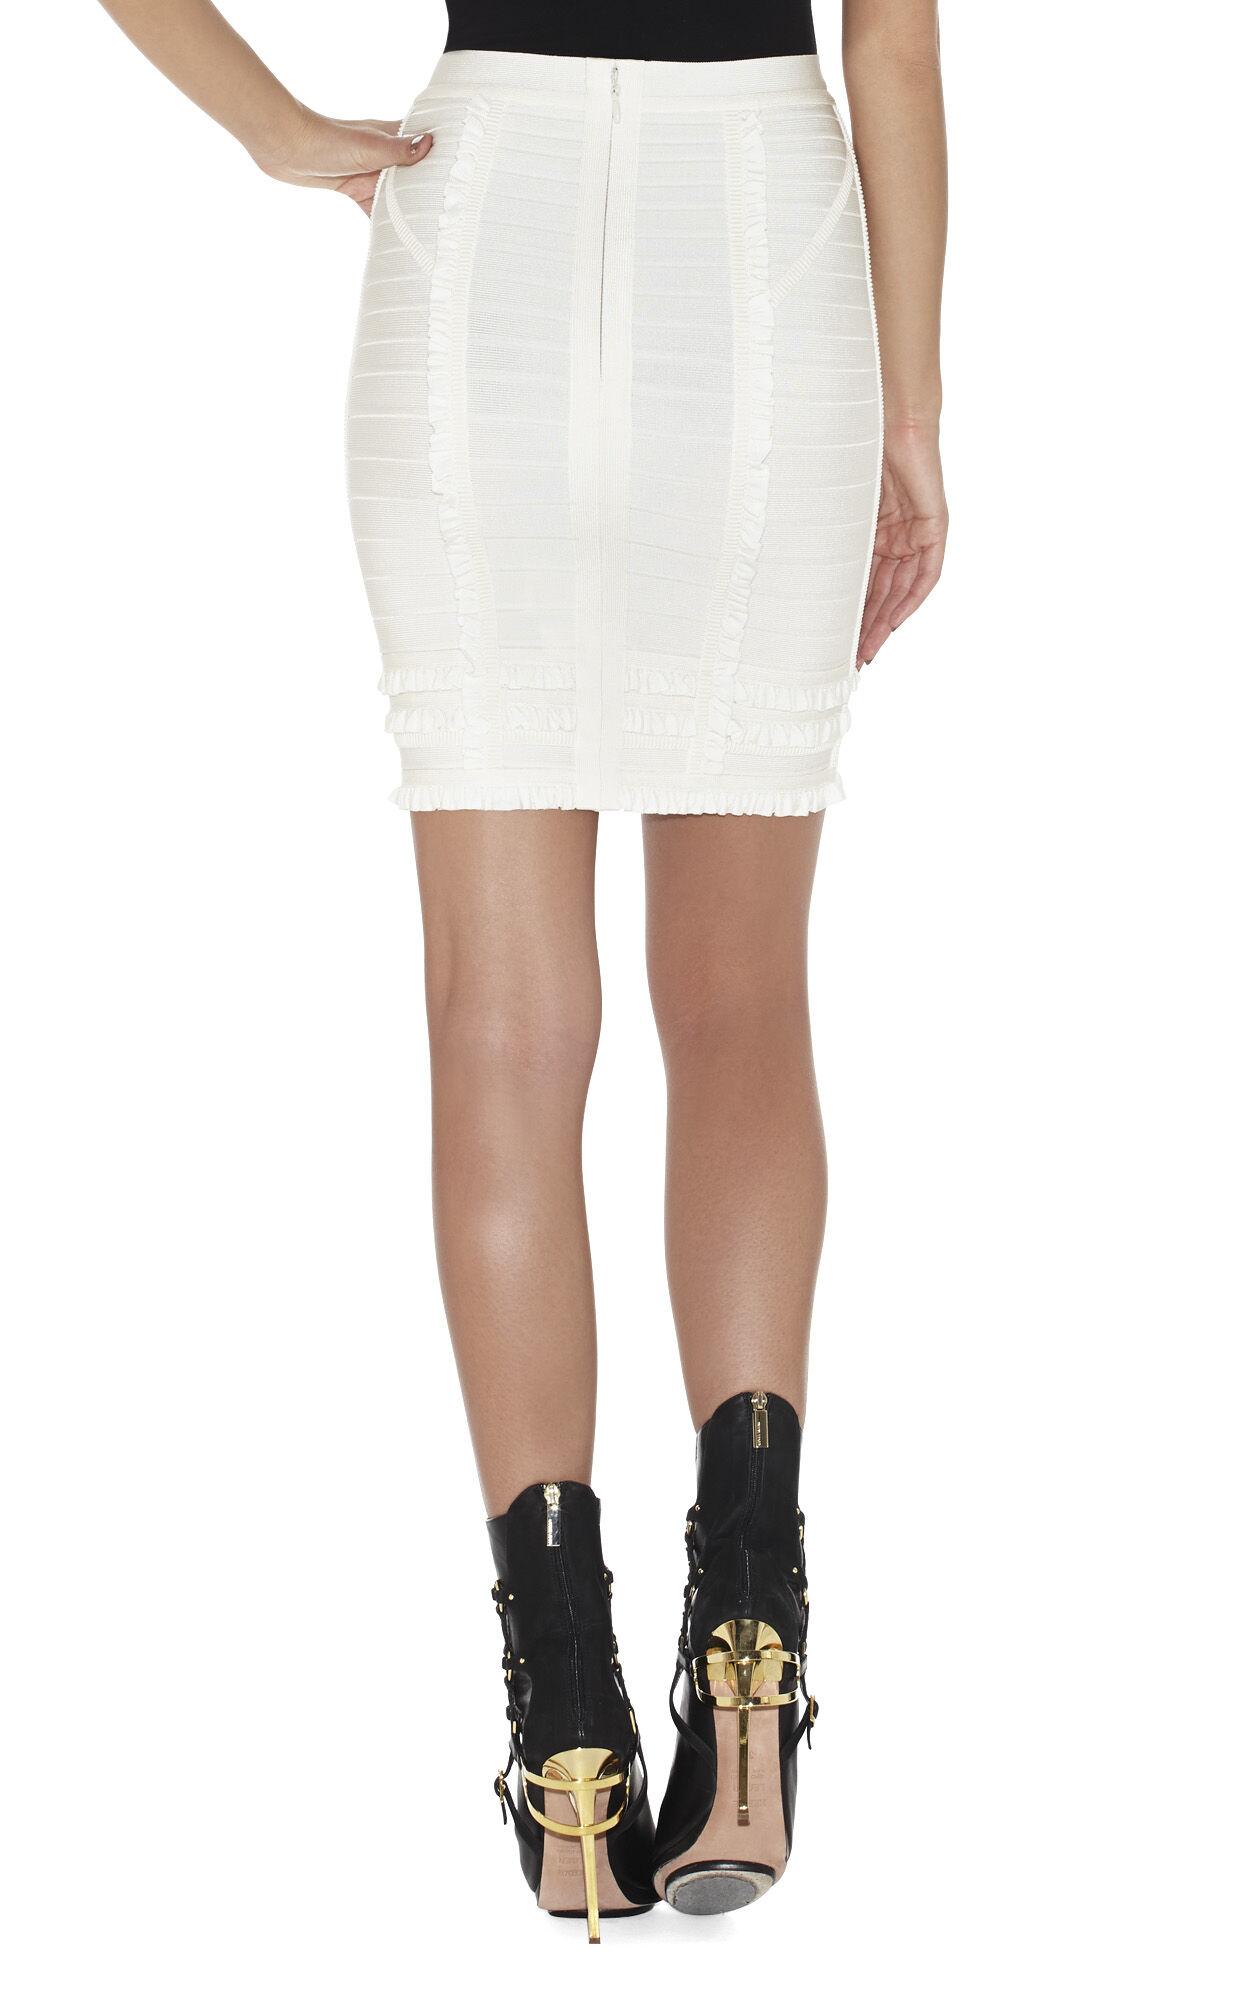 Mirni Tiered-Ruffle Skirt